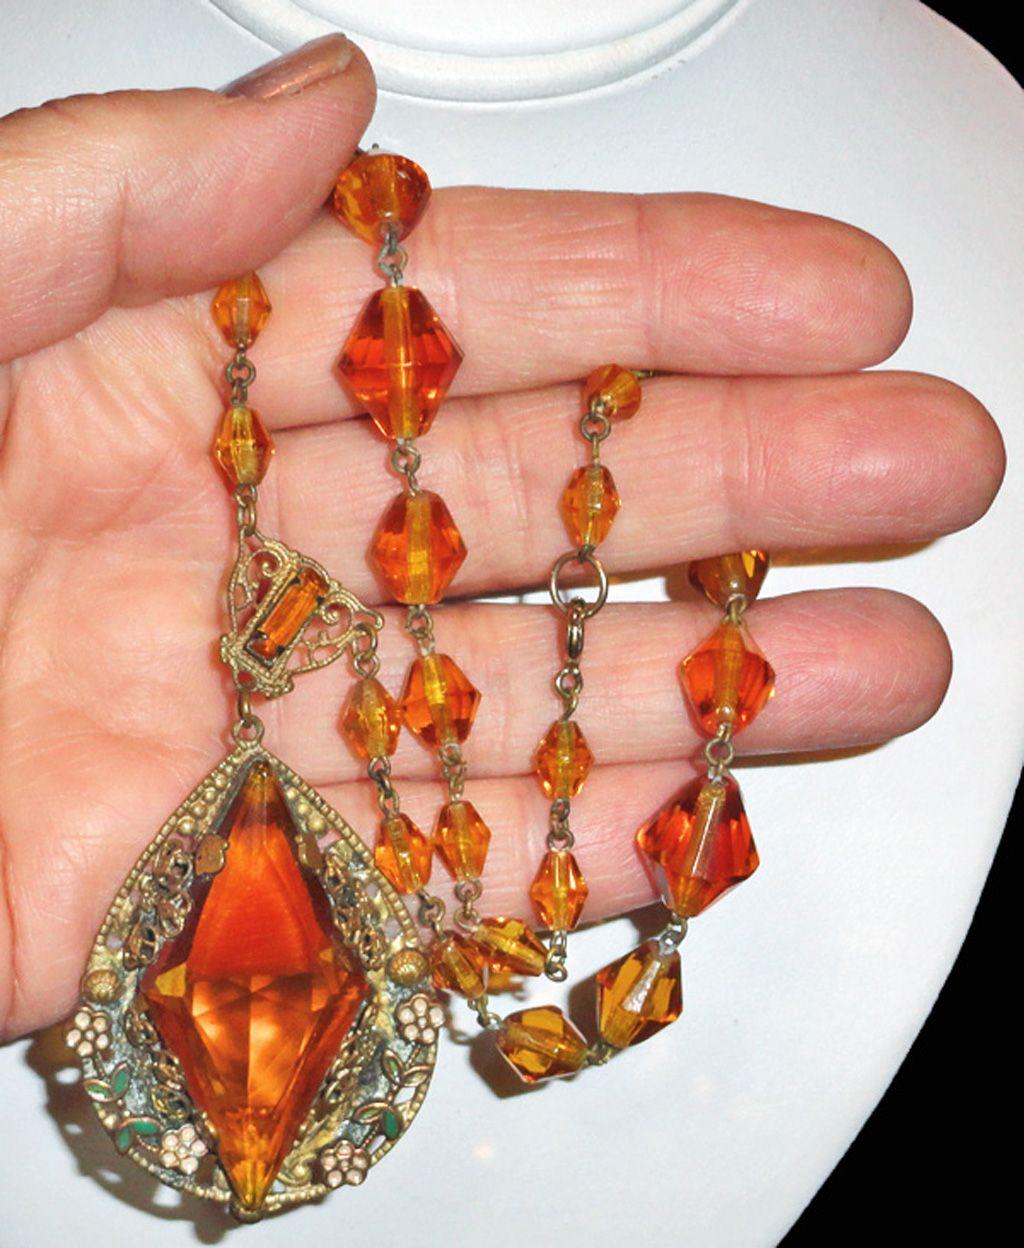 Art Deco Czechoslovakian Enamel and Topaz Glass Necklace